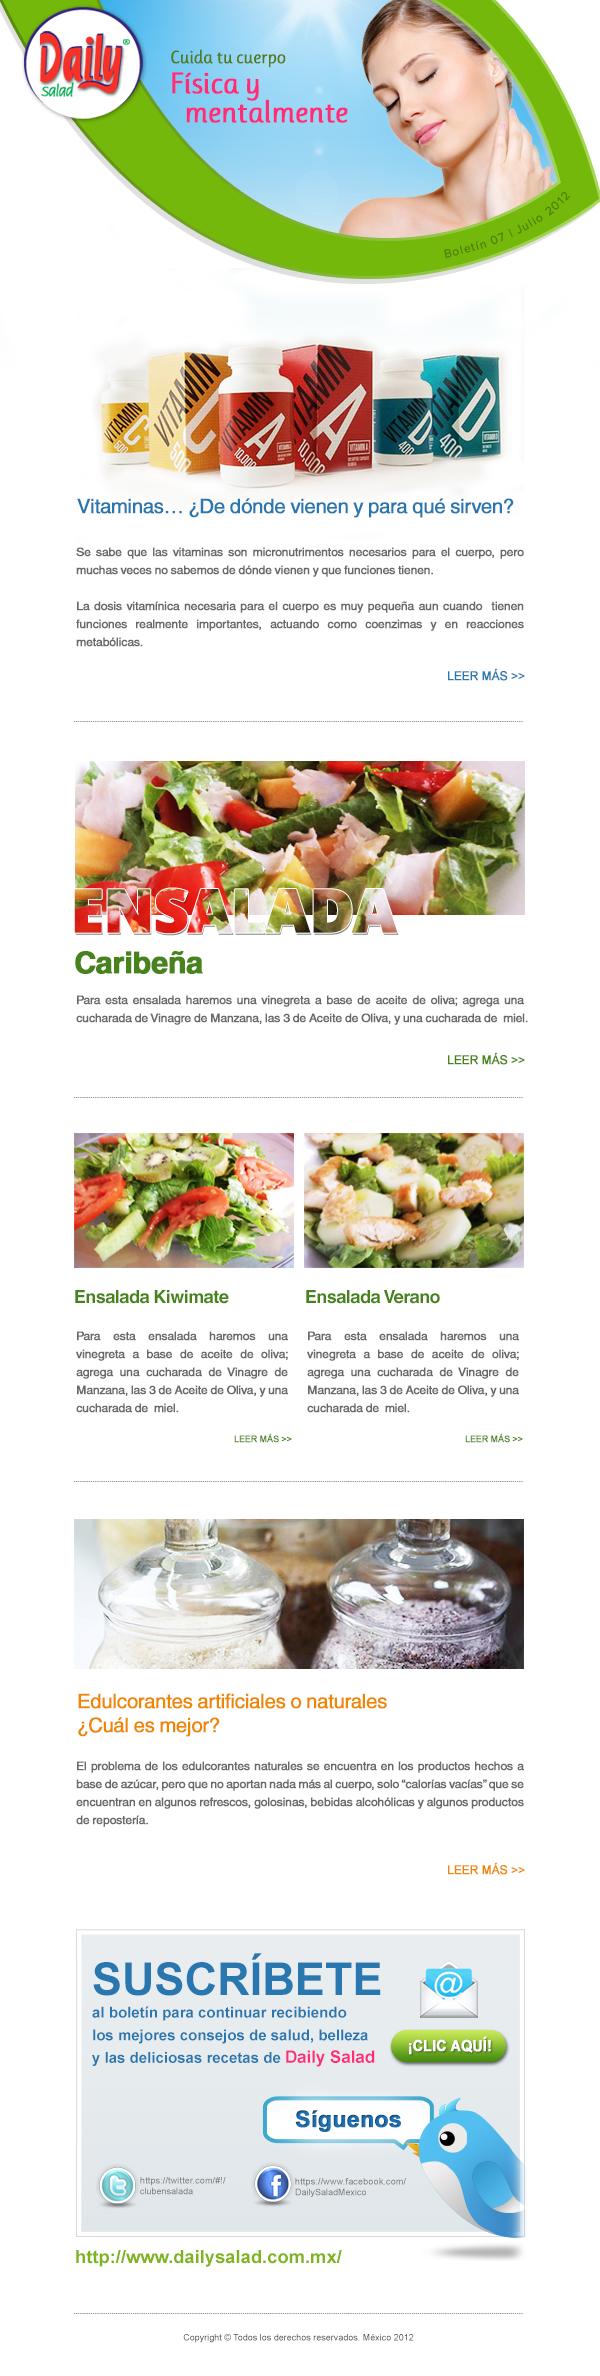 Diseño boletín - Daily Salad